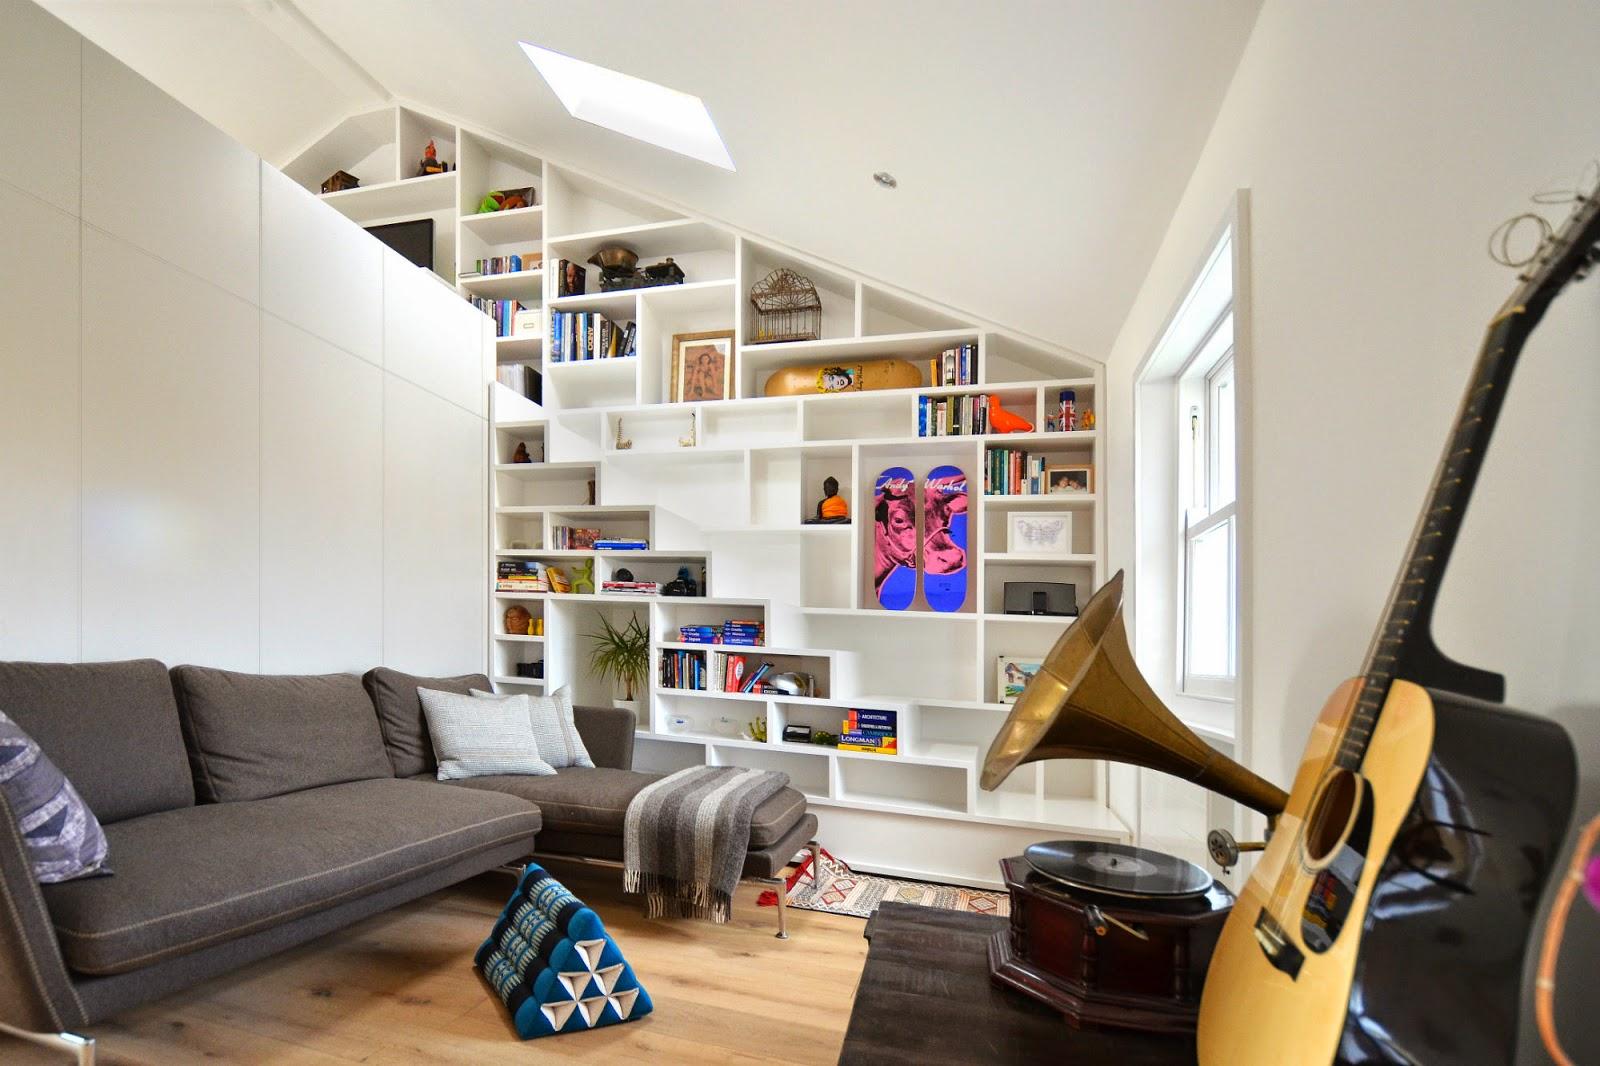 Un faro de ideas dinamico espacio de estar y trabajo londres for Come arredare un living